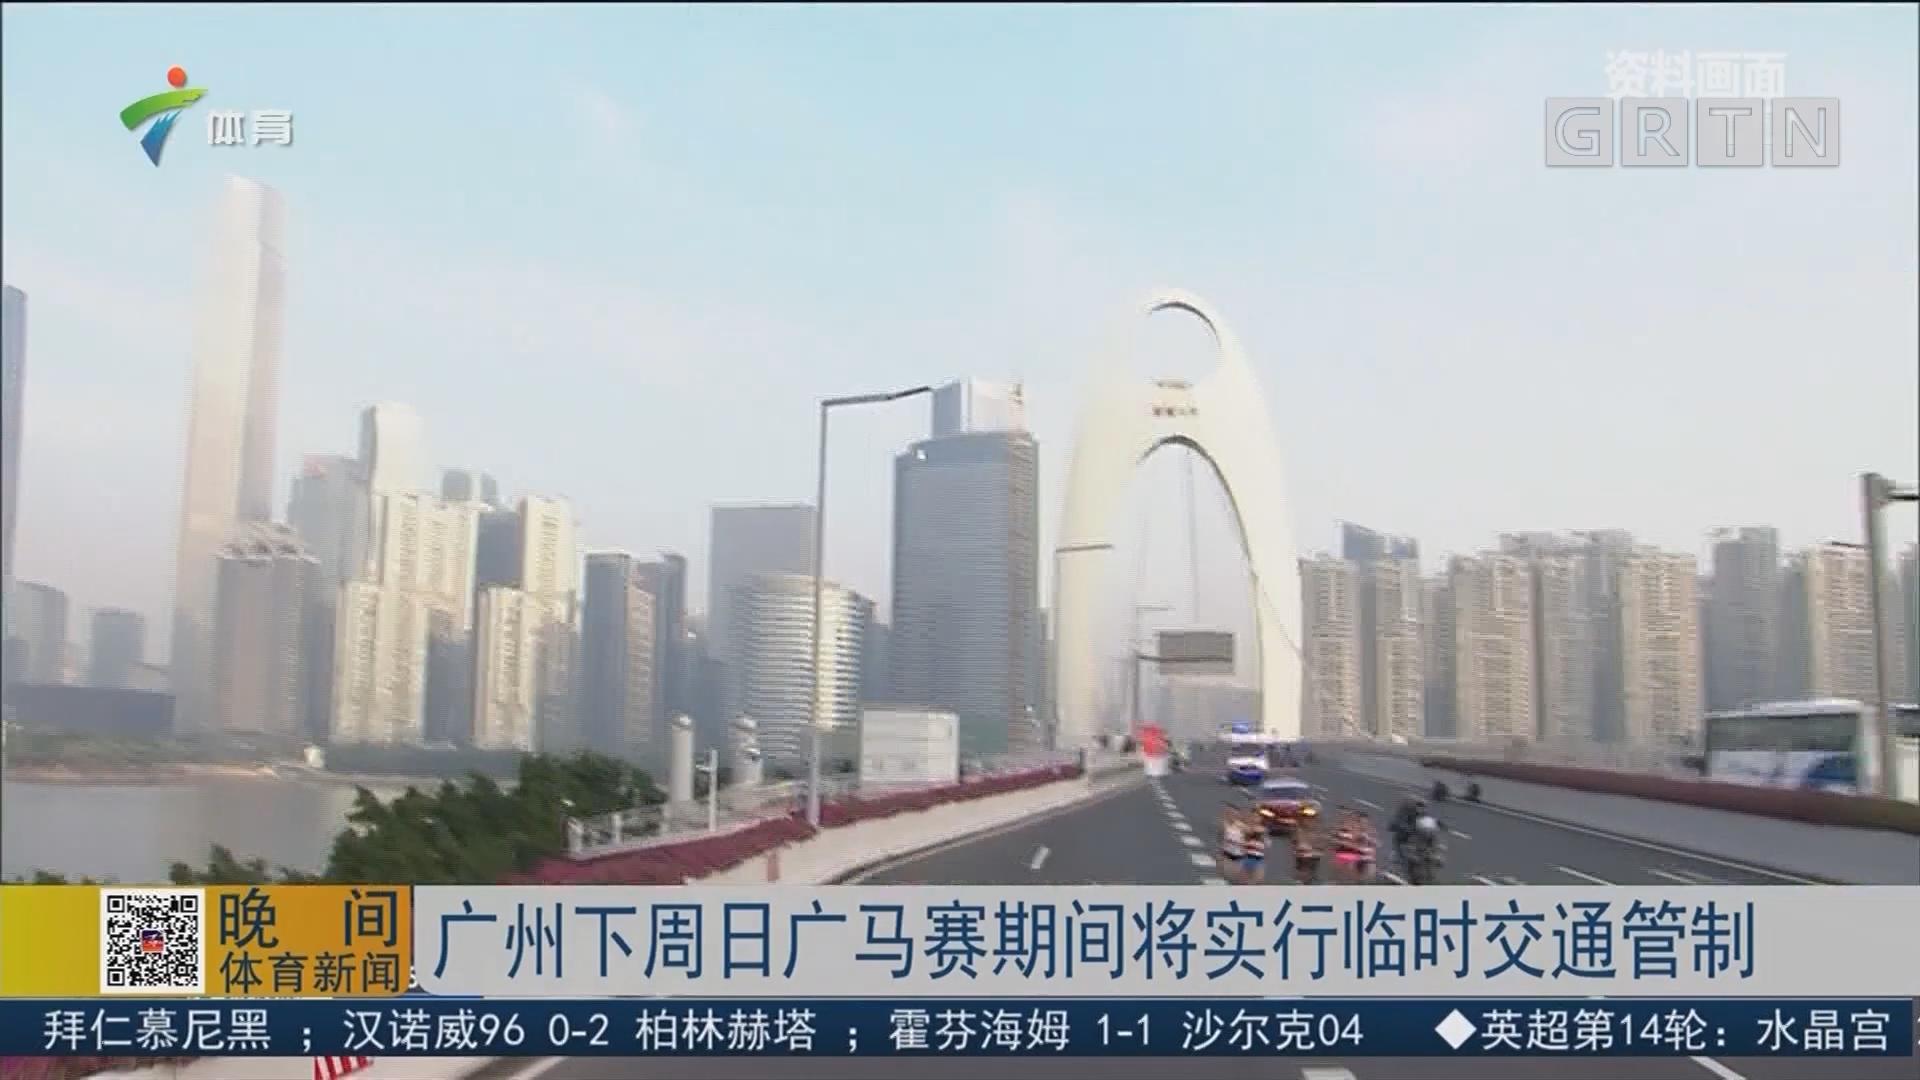 广州下周日广马赛期间将实行临时交通管制